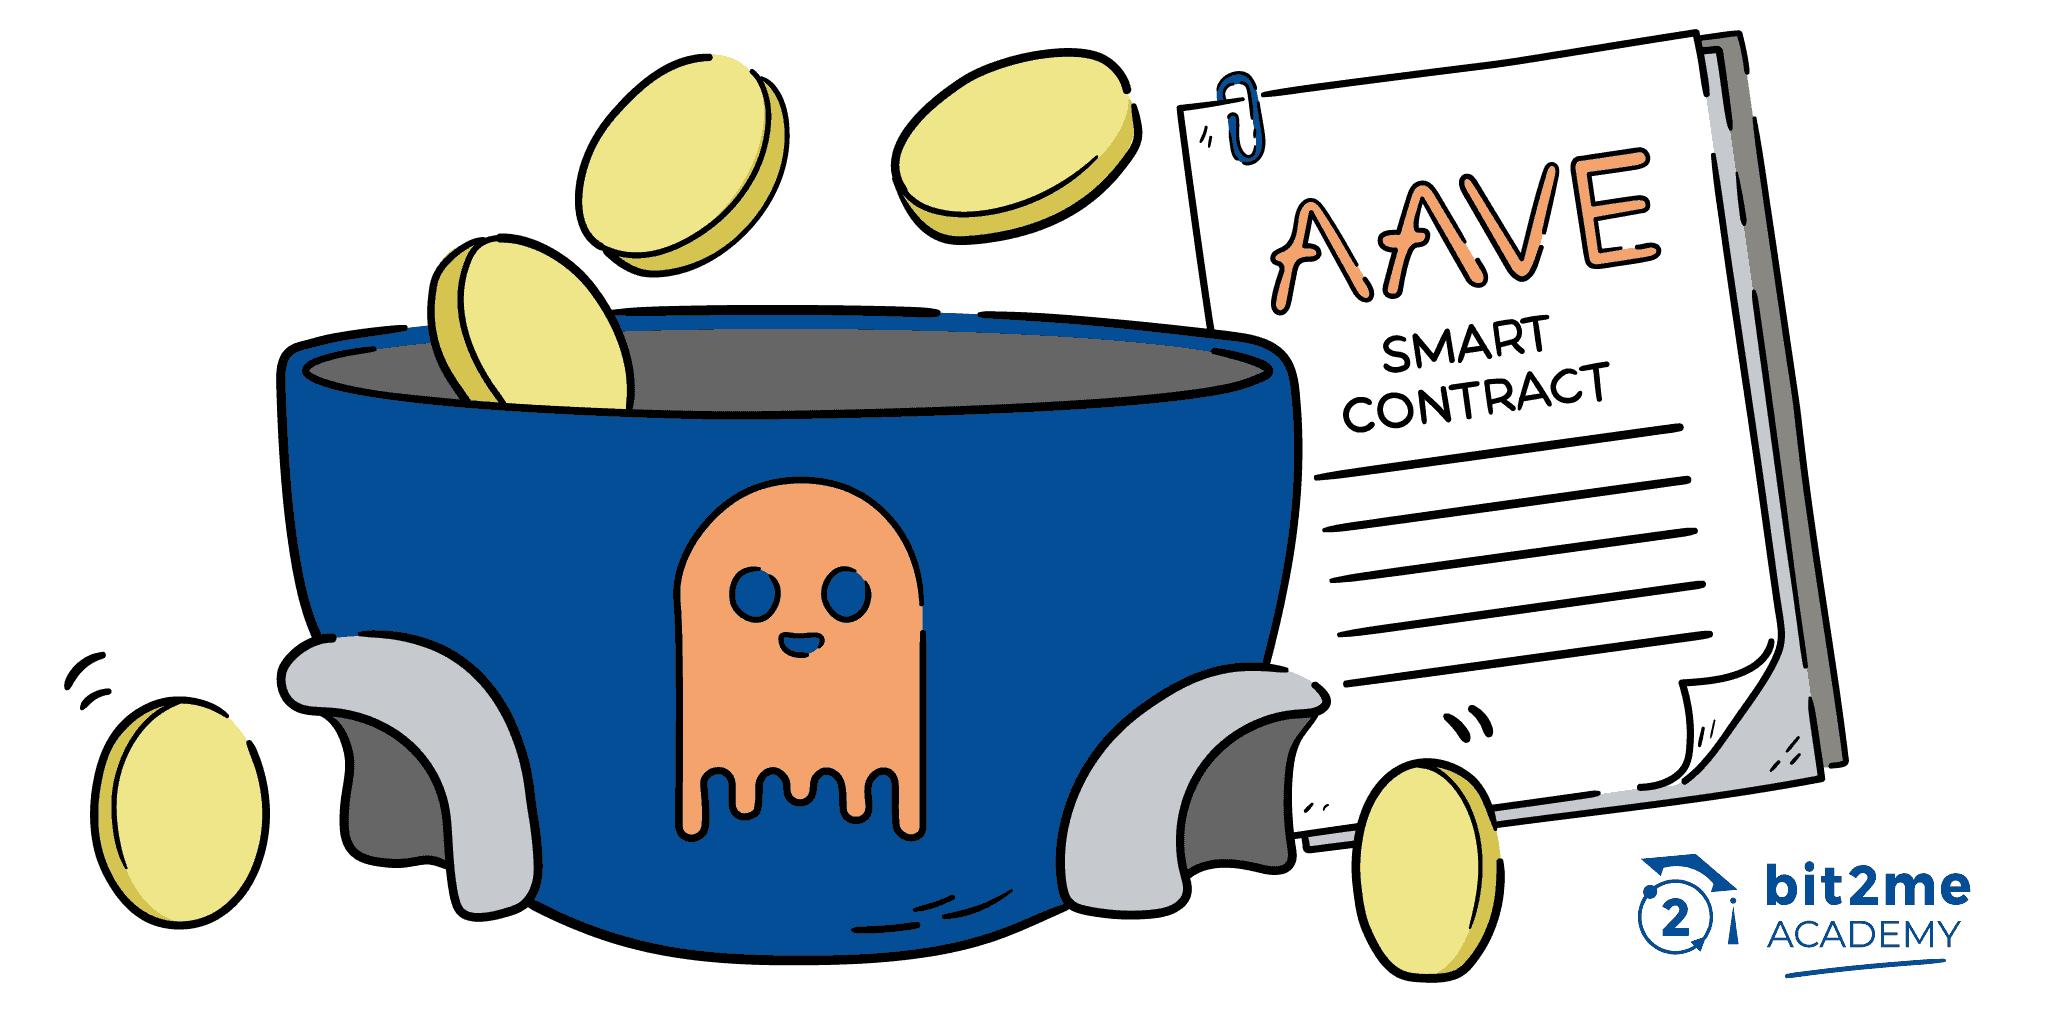 ¿Qué es AAVE?